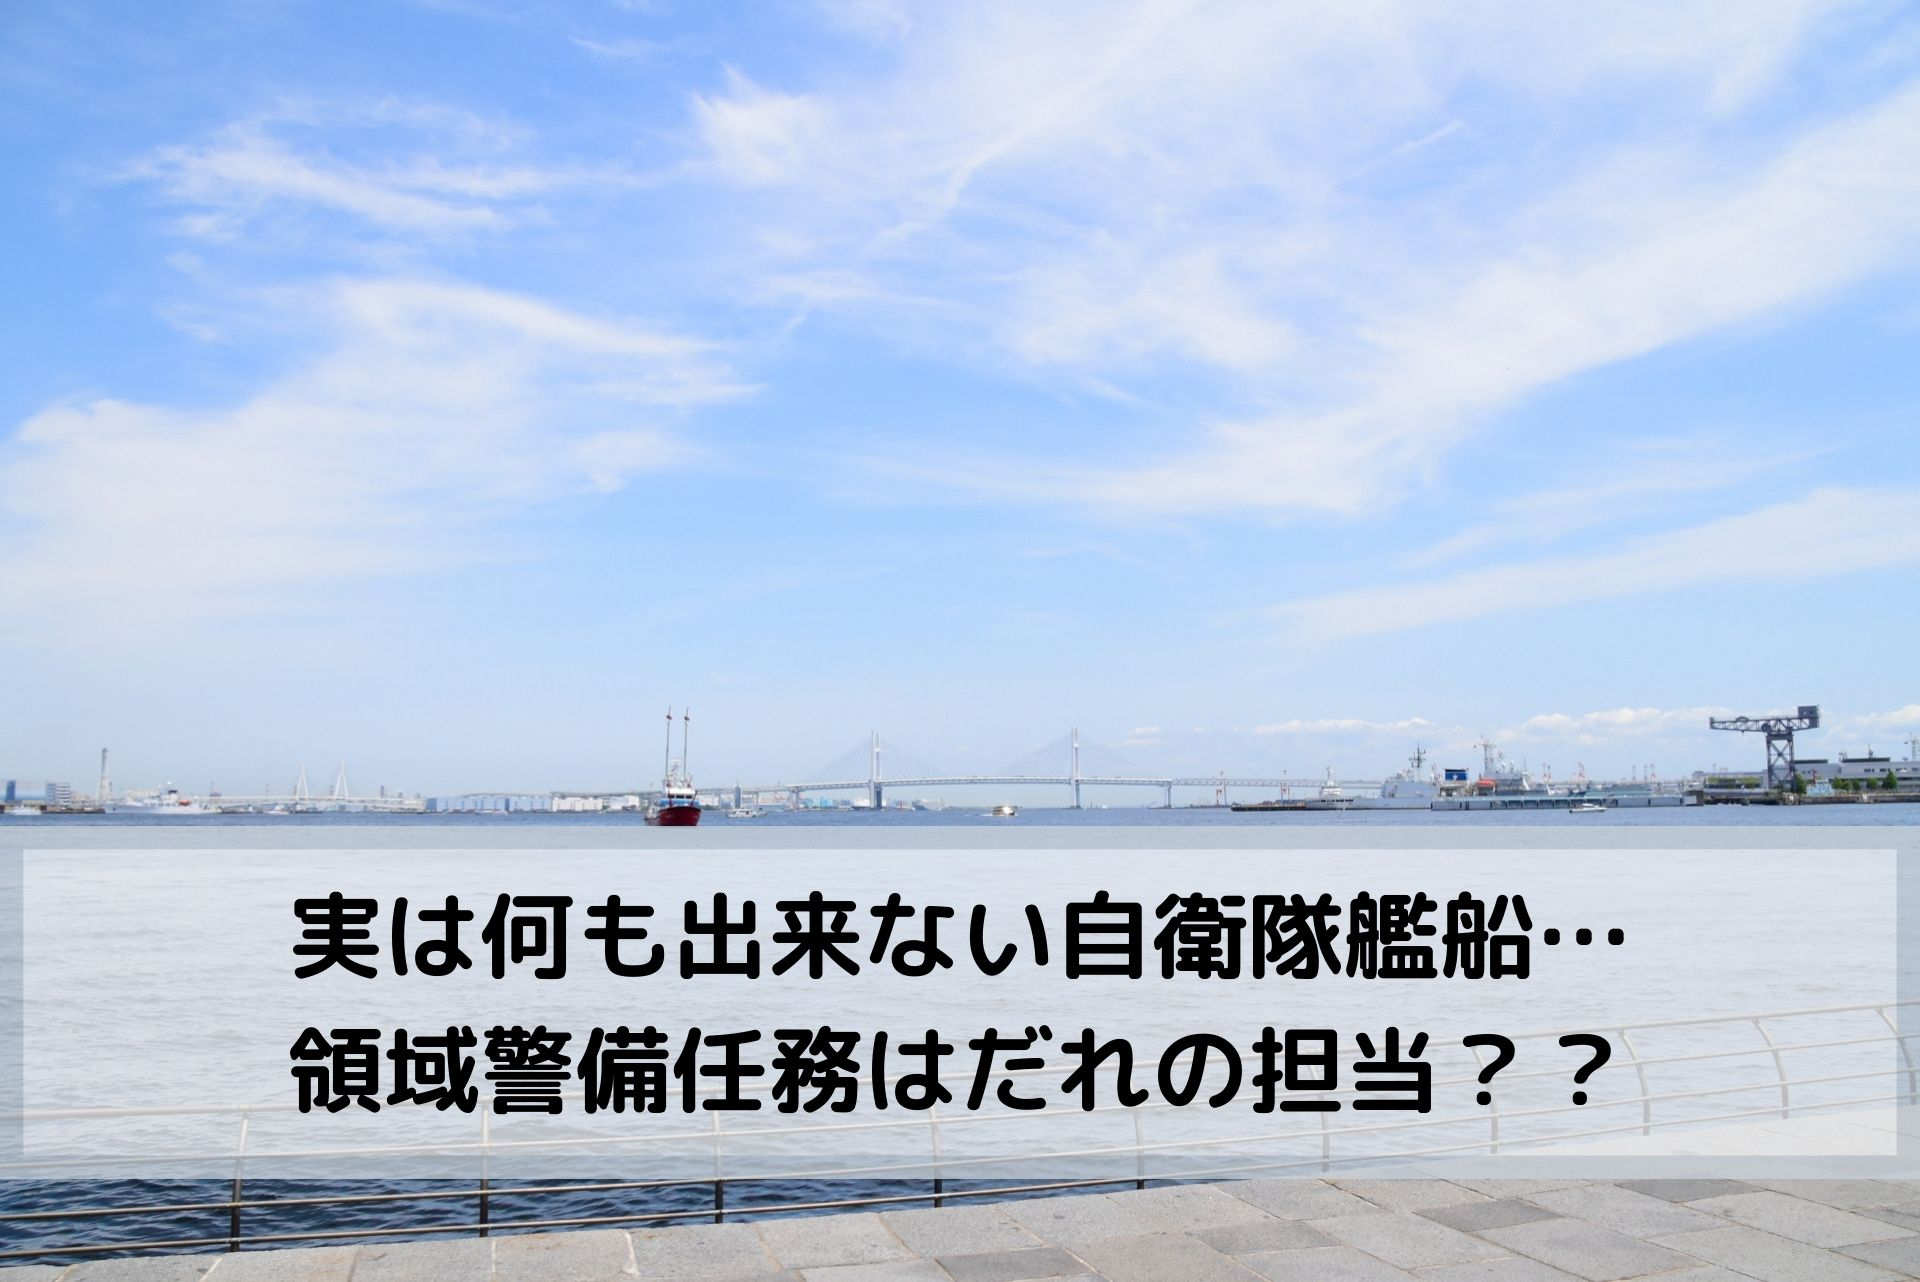 実は何も出来ない自衛隊艦船 領域警備任務はだれの担当??